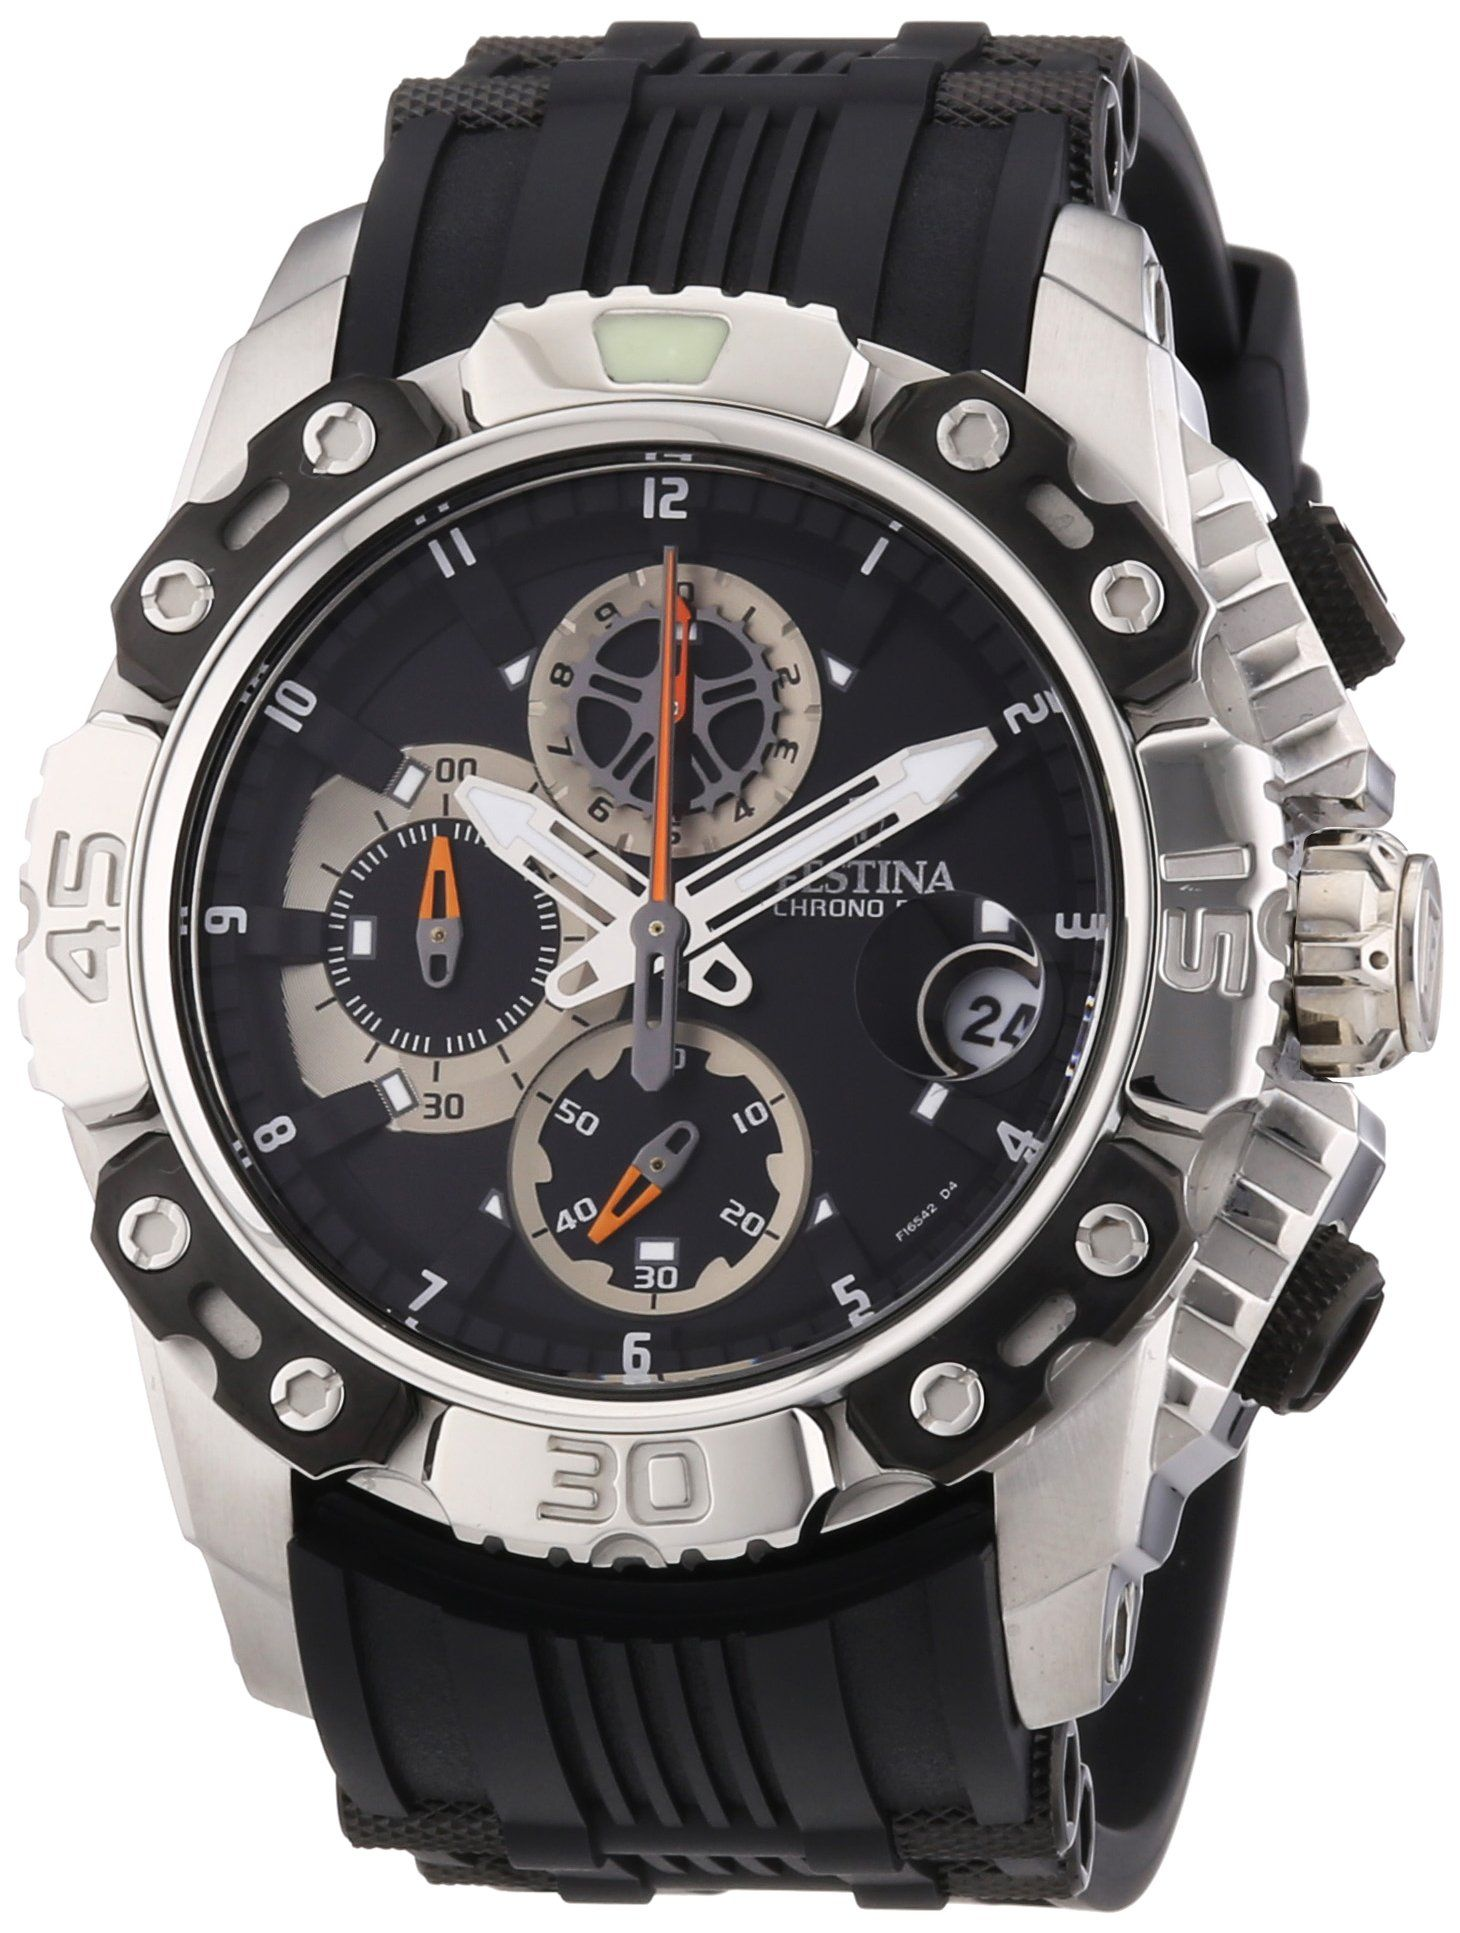 0a3df6987383 Festina F16543 4 - Reloj de pulsera con cronógrafo para hombre (correa de  caucho y esfera negra)